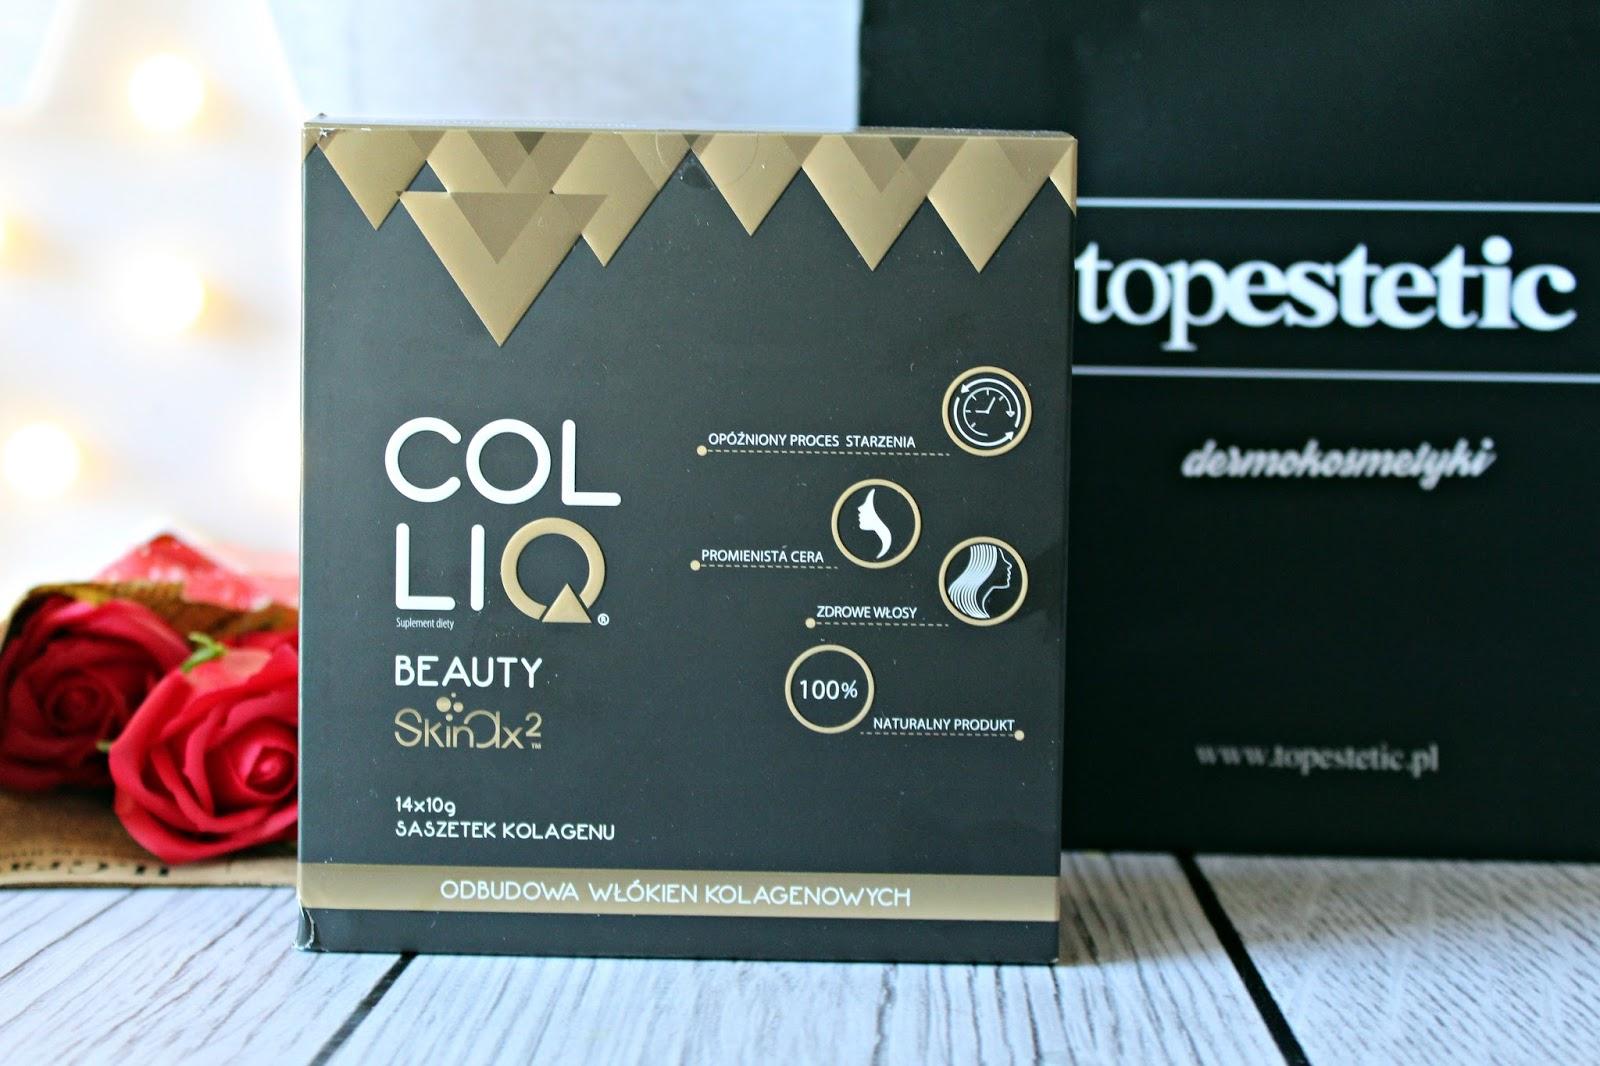 Colliq Beauty Skinax2 Naturalny Kolagen Wołowy